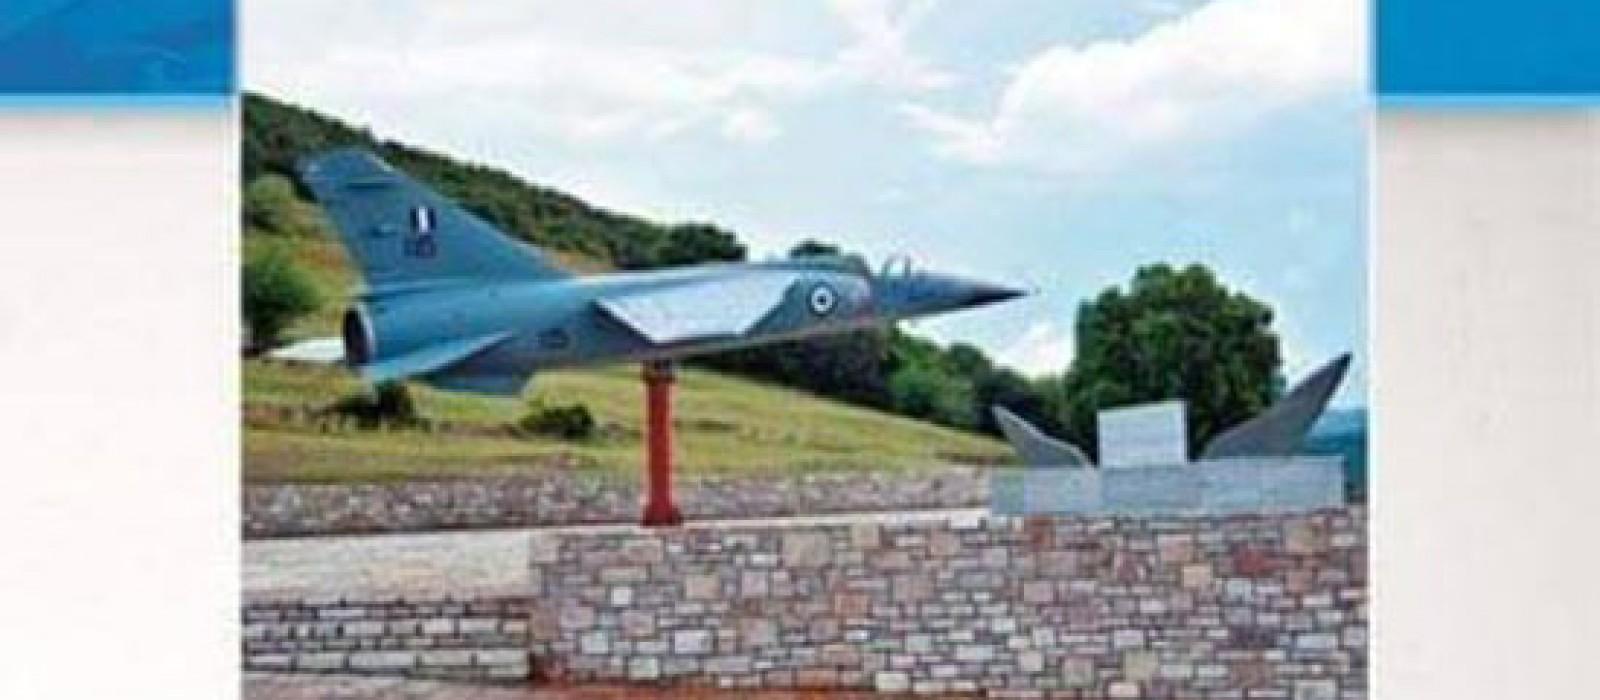 Θέρμο: Διήμερο εκδηλώσεων Μνήμης και Αποκαλυπτηρίων του Μνημείου των Πεσόντων Αεροπόρων